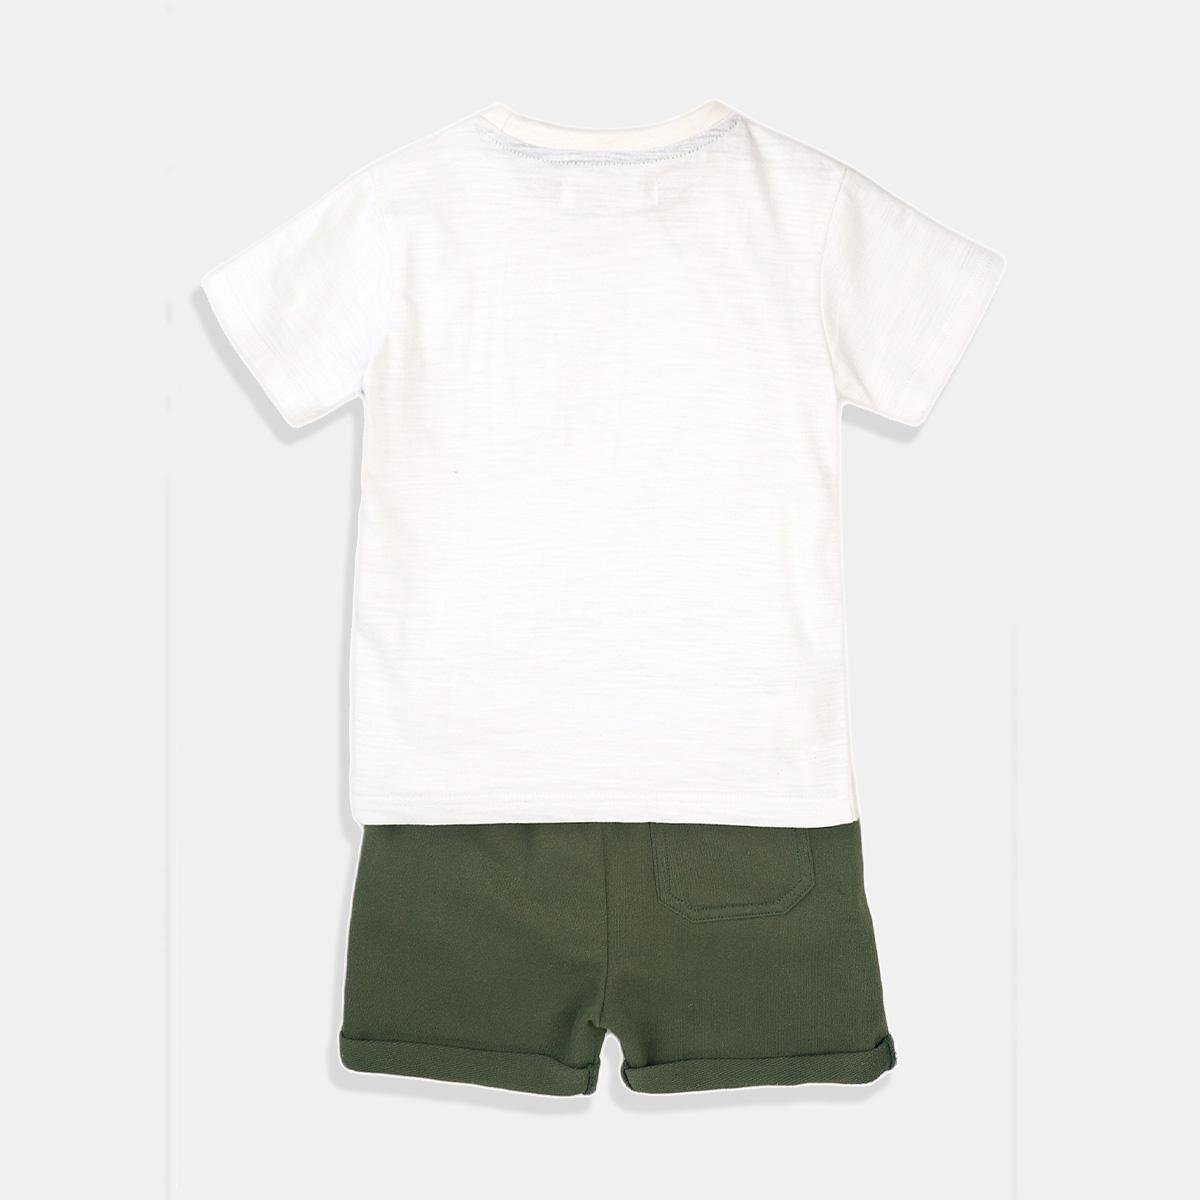 Спортен комплект Minoti за момче в бяло и зелено